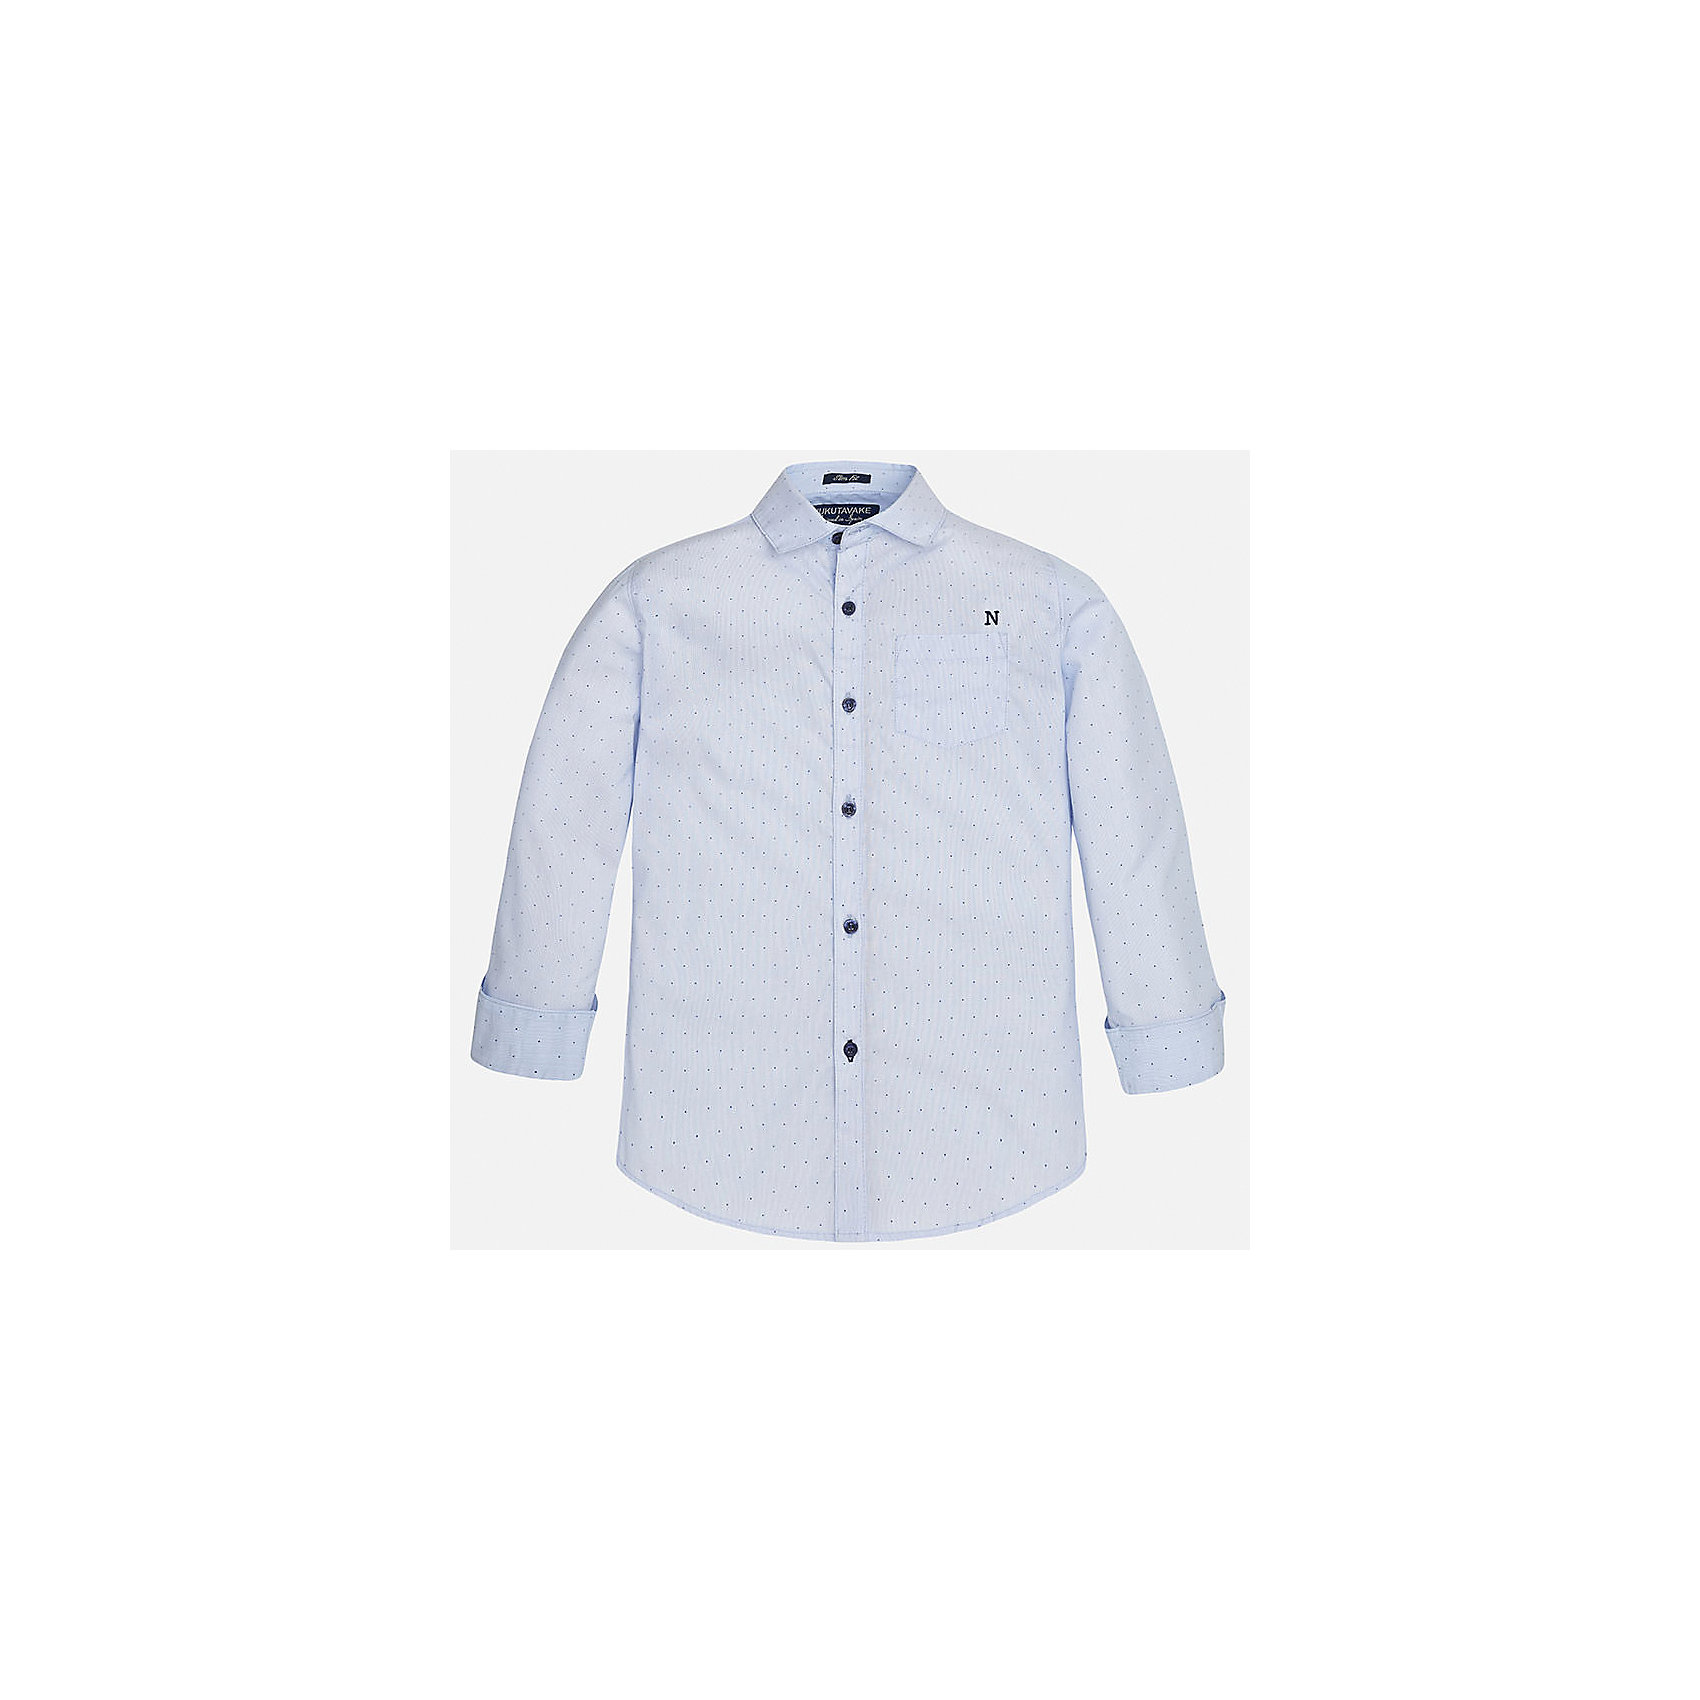 Рубашка для мальчика MayoralБлузки и рубашки<br>Характеристики товара:<br><br>• цвет: голубой<br>• состав: 100% хлопок<br>• отложной воротник<br>• декорирована карманом на груди<br>• рукава с отворотами<br>• застежки: пуговицы<br>• страна бренда: Испания<br><br>Модная рубашка поможет разнообразить гардероб мальчика. Она отлично сочетается с брюками, шортами, джинсами. Универсальный крой и цвет позволяет подобрать к вещи низ разных расцветок. Практичное и стильное изделие! Хорошо смотрится и комфортно сидит на детях. В составе материала - только натуральный хлопок, гипоаллергенный, приятный на ощупь, дышащий. <br><br>Одежда, обувь и аксессуары от испанского бренда Mayoral полюбились детям и взрослым по всему миру. Модели этой марки - стильные и удобные. Для их производства используются только безопасные, качественные материалы и фурнитура. Порадуйте ребенка модными и красивыми вещами от Mayoral! <br><br>Рубашку для мальчика от испанского бренда Mayoral (Майорал) можно купить в нашем интернет-магазине.<br><br>Ширина мм: 174<br>Глубина мм: 10<br>Высота мм: 169<br>Вес г: 157<br>Цвет: голубой<br>Возраст от месяцев: 120<br>Возраст до месяцев: 132<br>Пол: Мужской<br>Возраст: Детский<br>Размер: 152,128/134,158,164,140,170<br>SKU: 5281659